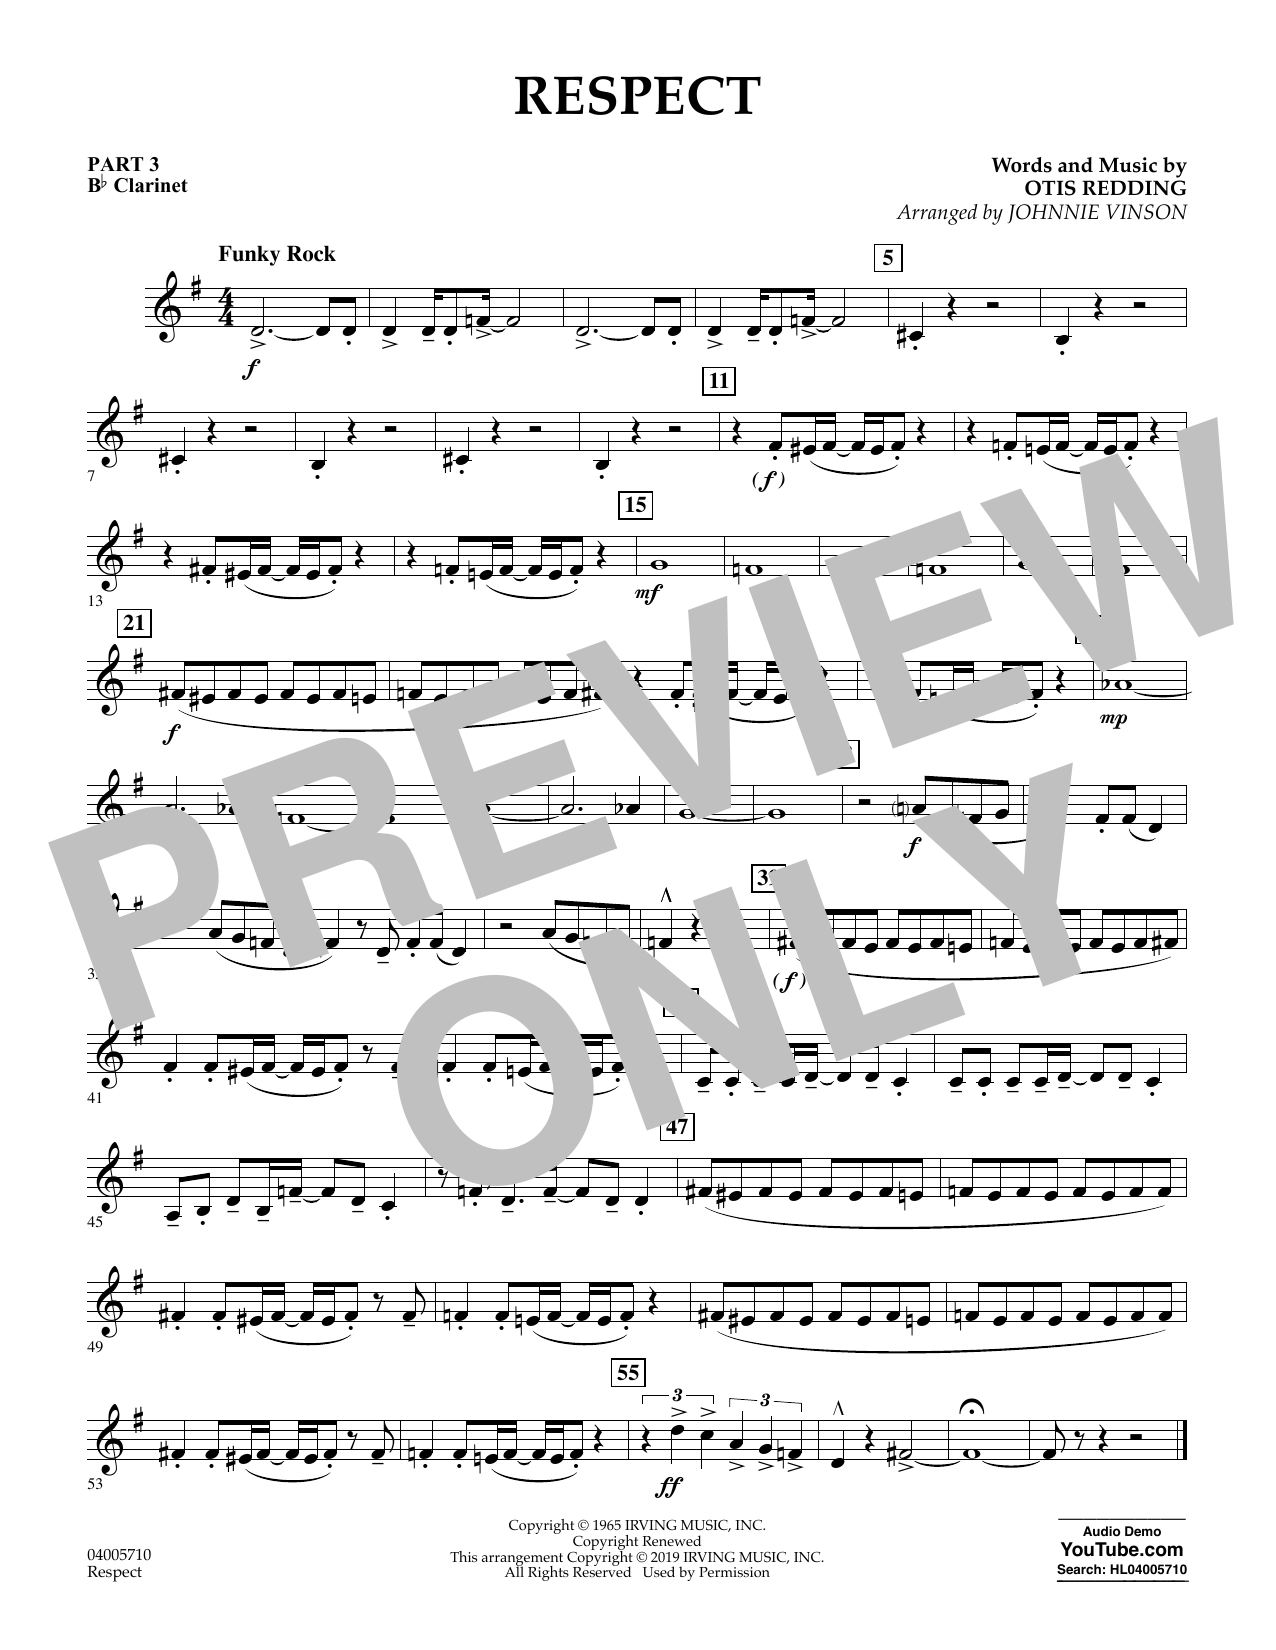 Respect (arr. Johnnie Vinson) - Pt.3 - Bb Clarinet (Flex-Band)